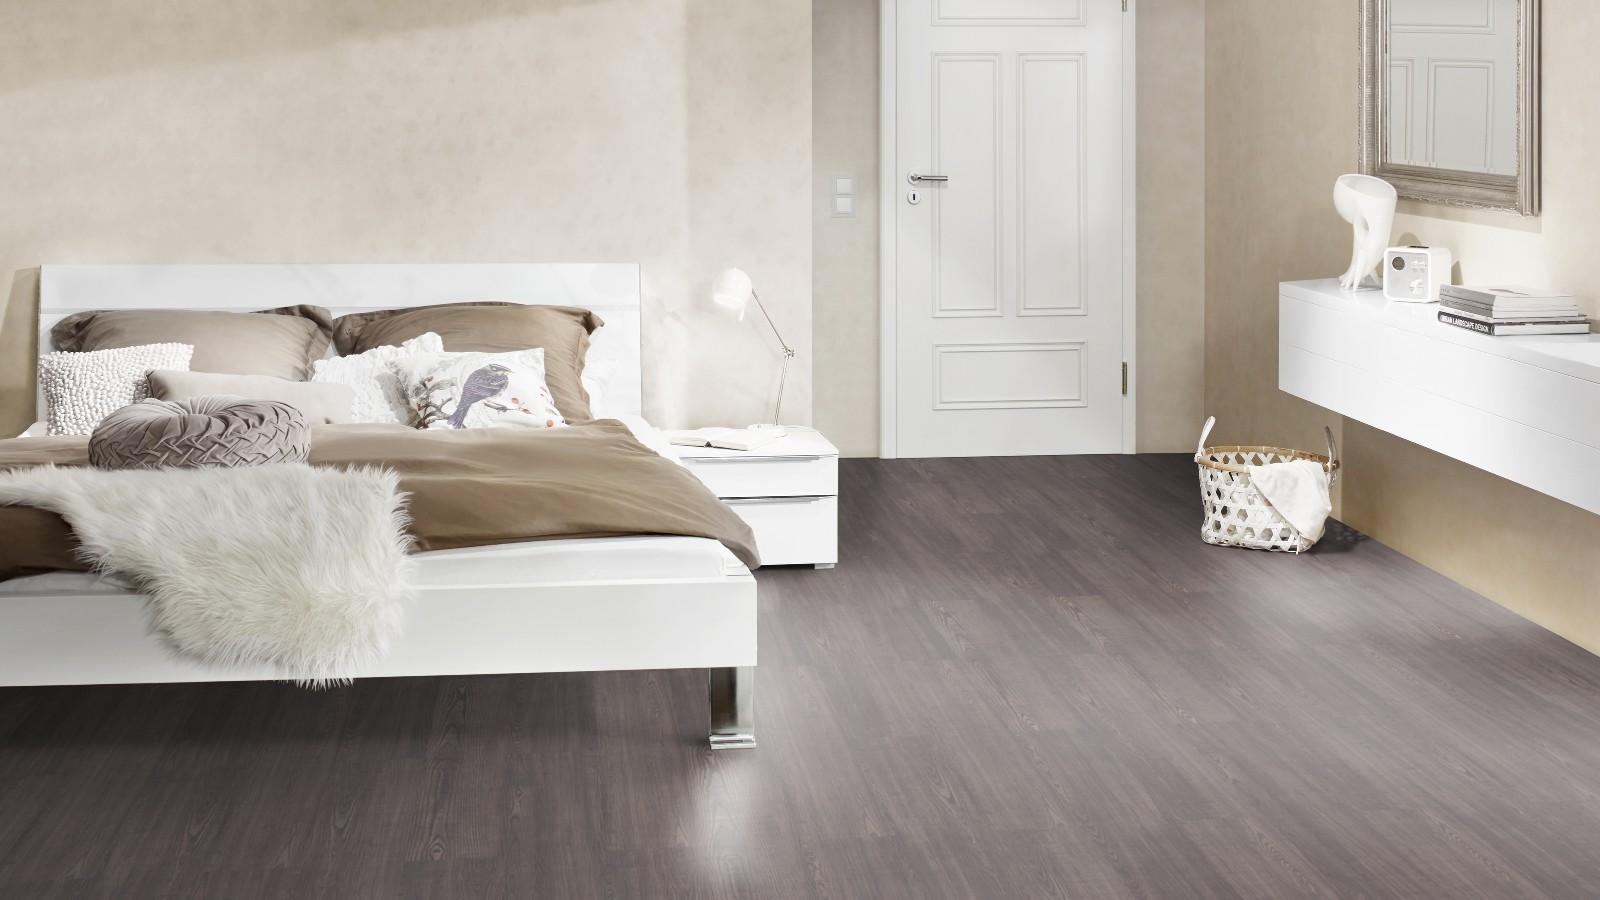 klick vinyl erfahrungen moderne dekoration design. Black Bedroom Furniture Sets. Home Design Ideas